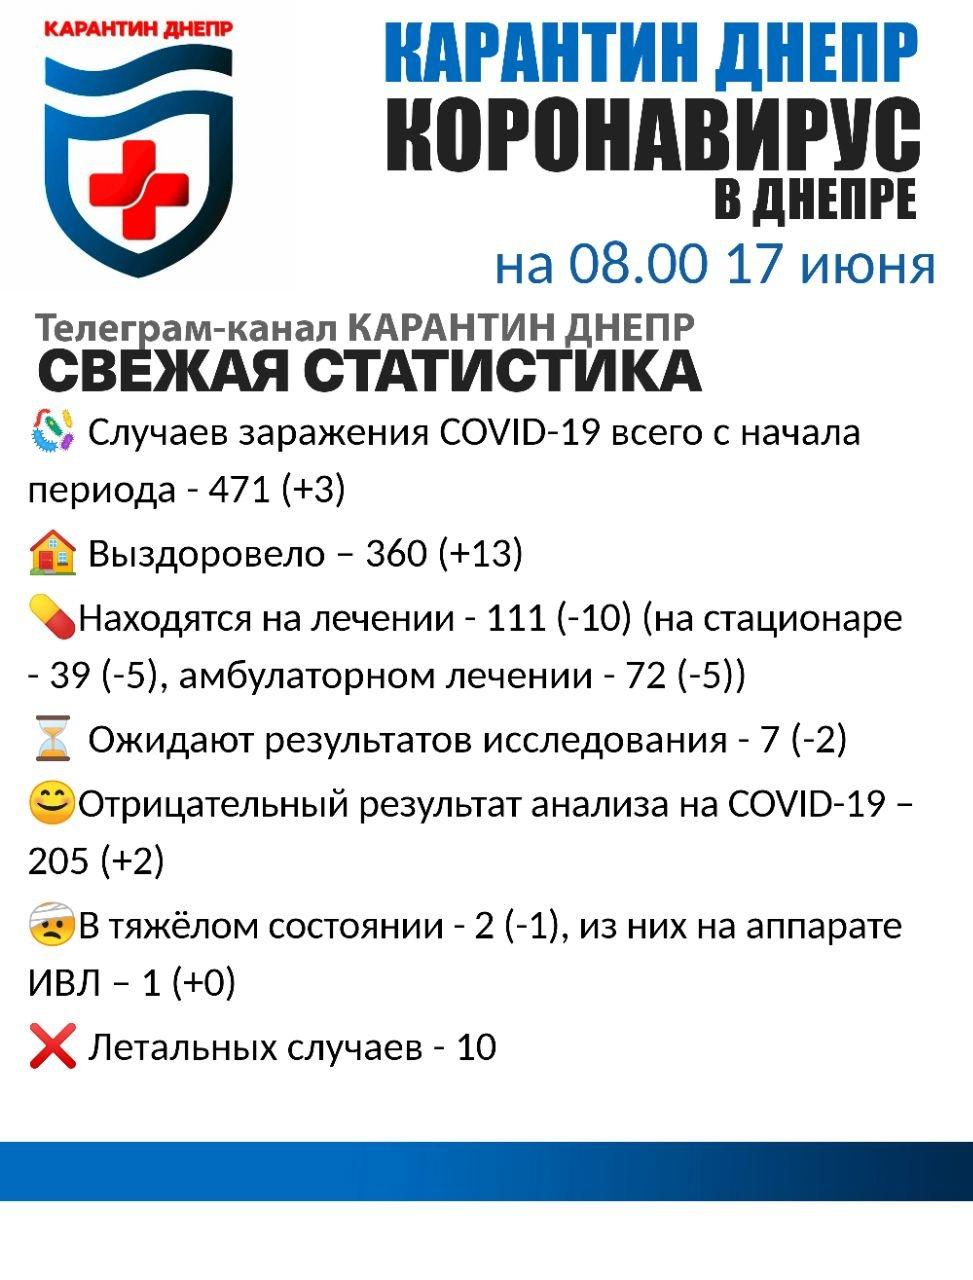 Три новых случая: свежая статистика по коронавирусу на утро 17 июня в Днепре, фото-1